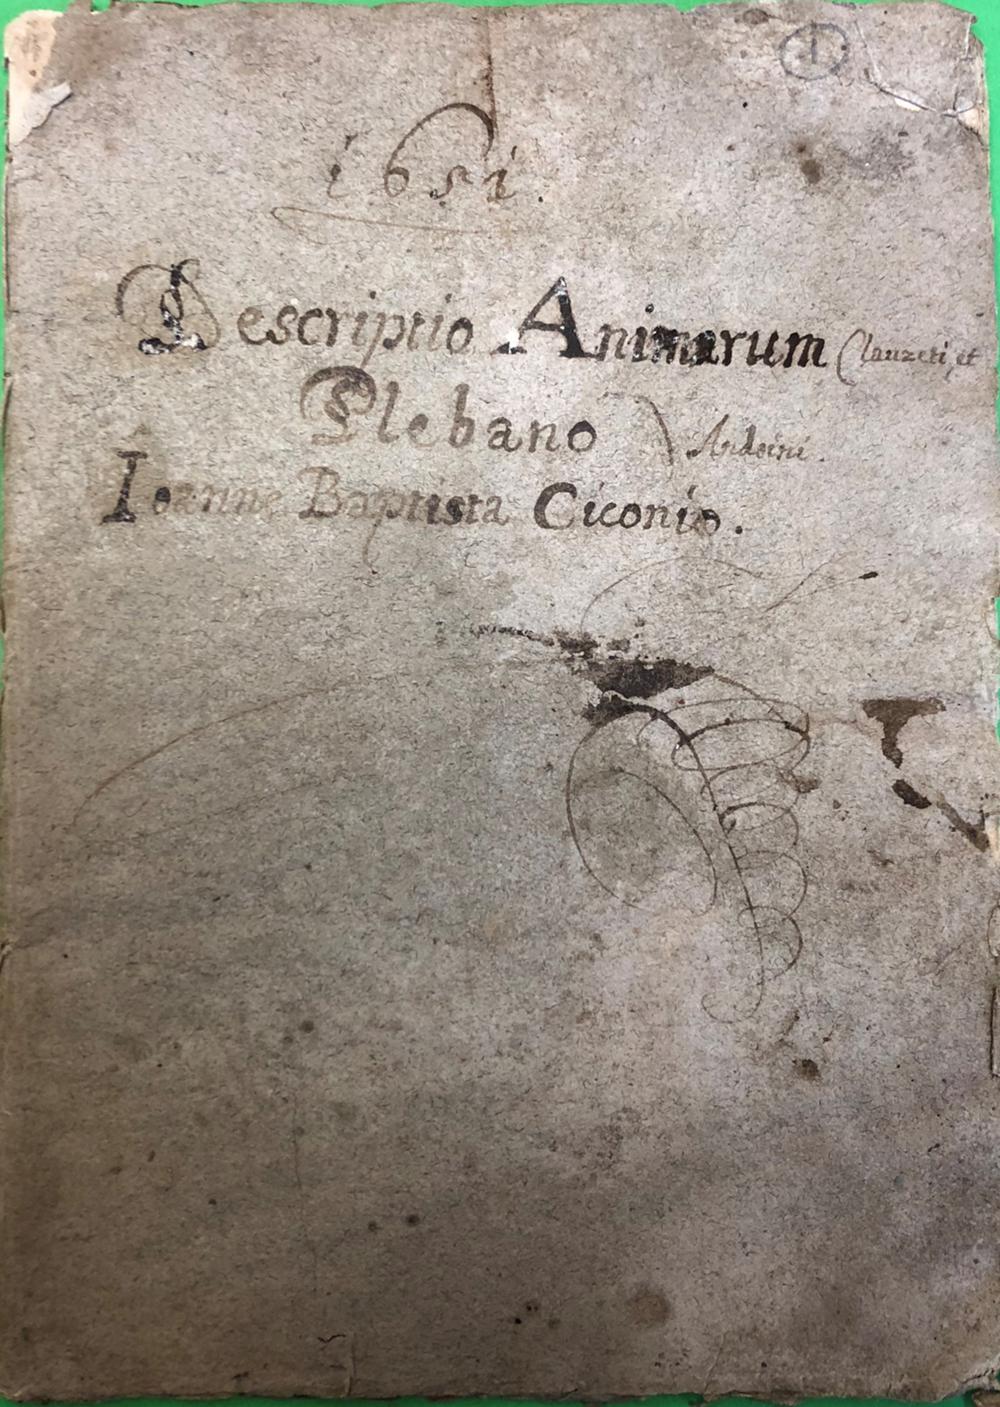 Descriptio animarum Clauzeti et Anduini plebano Ioanne Baptista Ciconio 1651